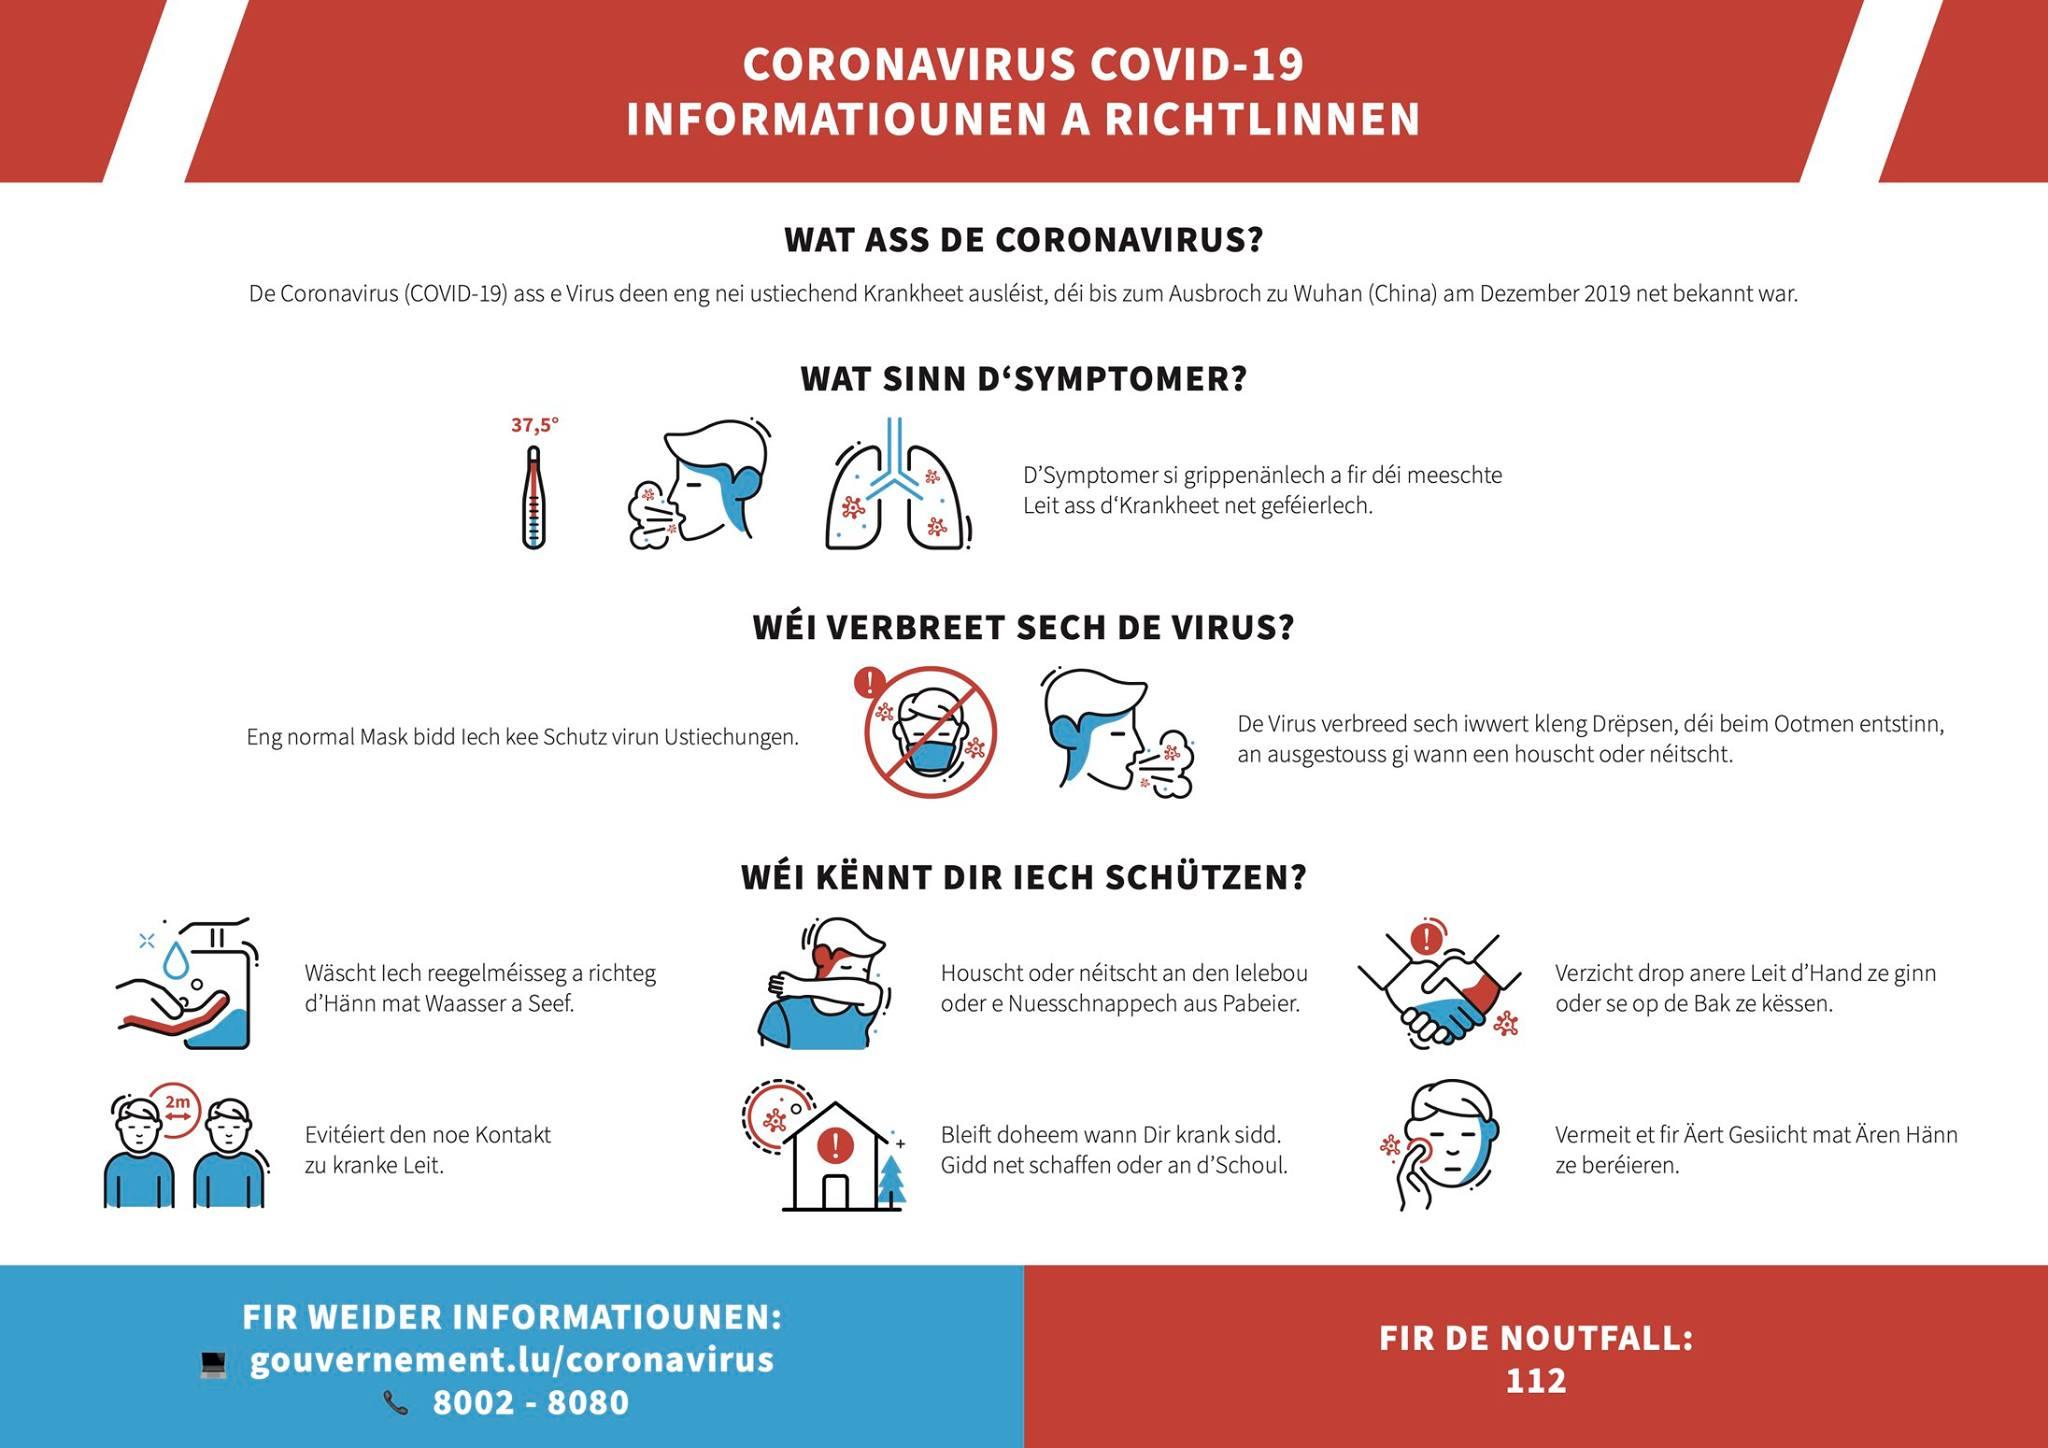 Informatiounen zur COVID-19 Kris